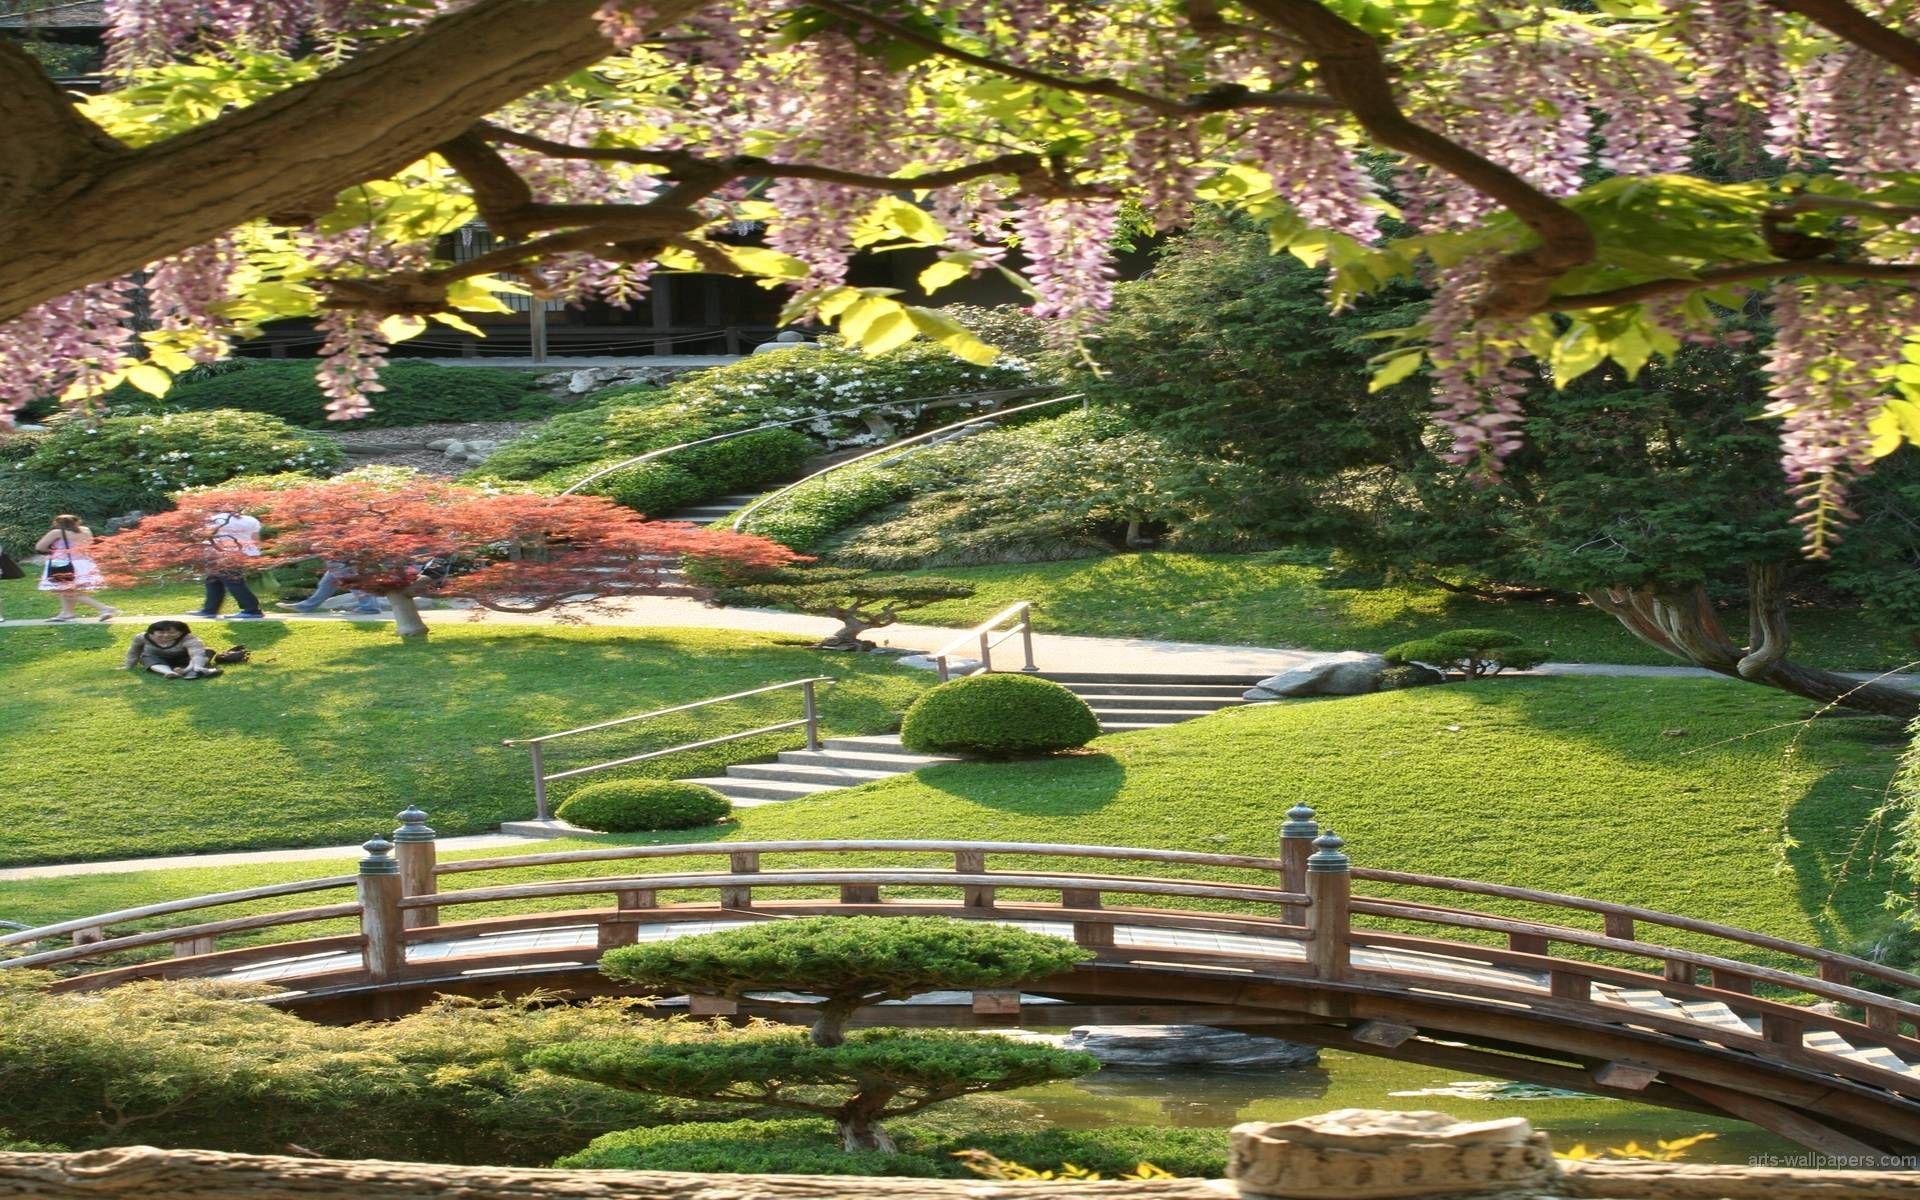 Japanese Garden Wallpaper 145340 High Definition Wallpapers